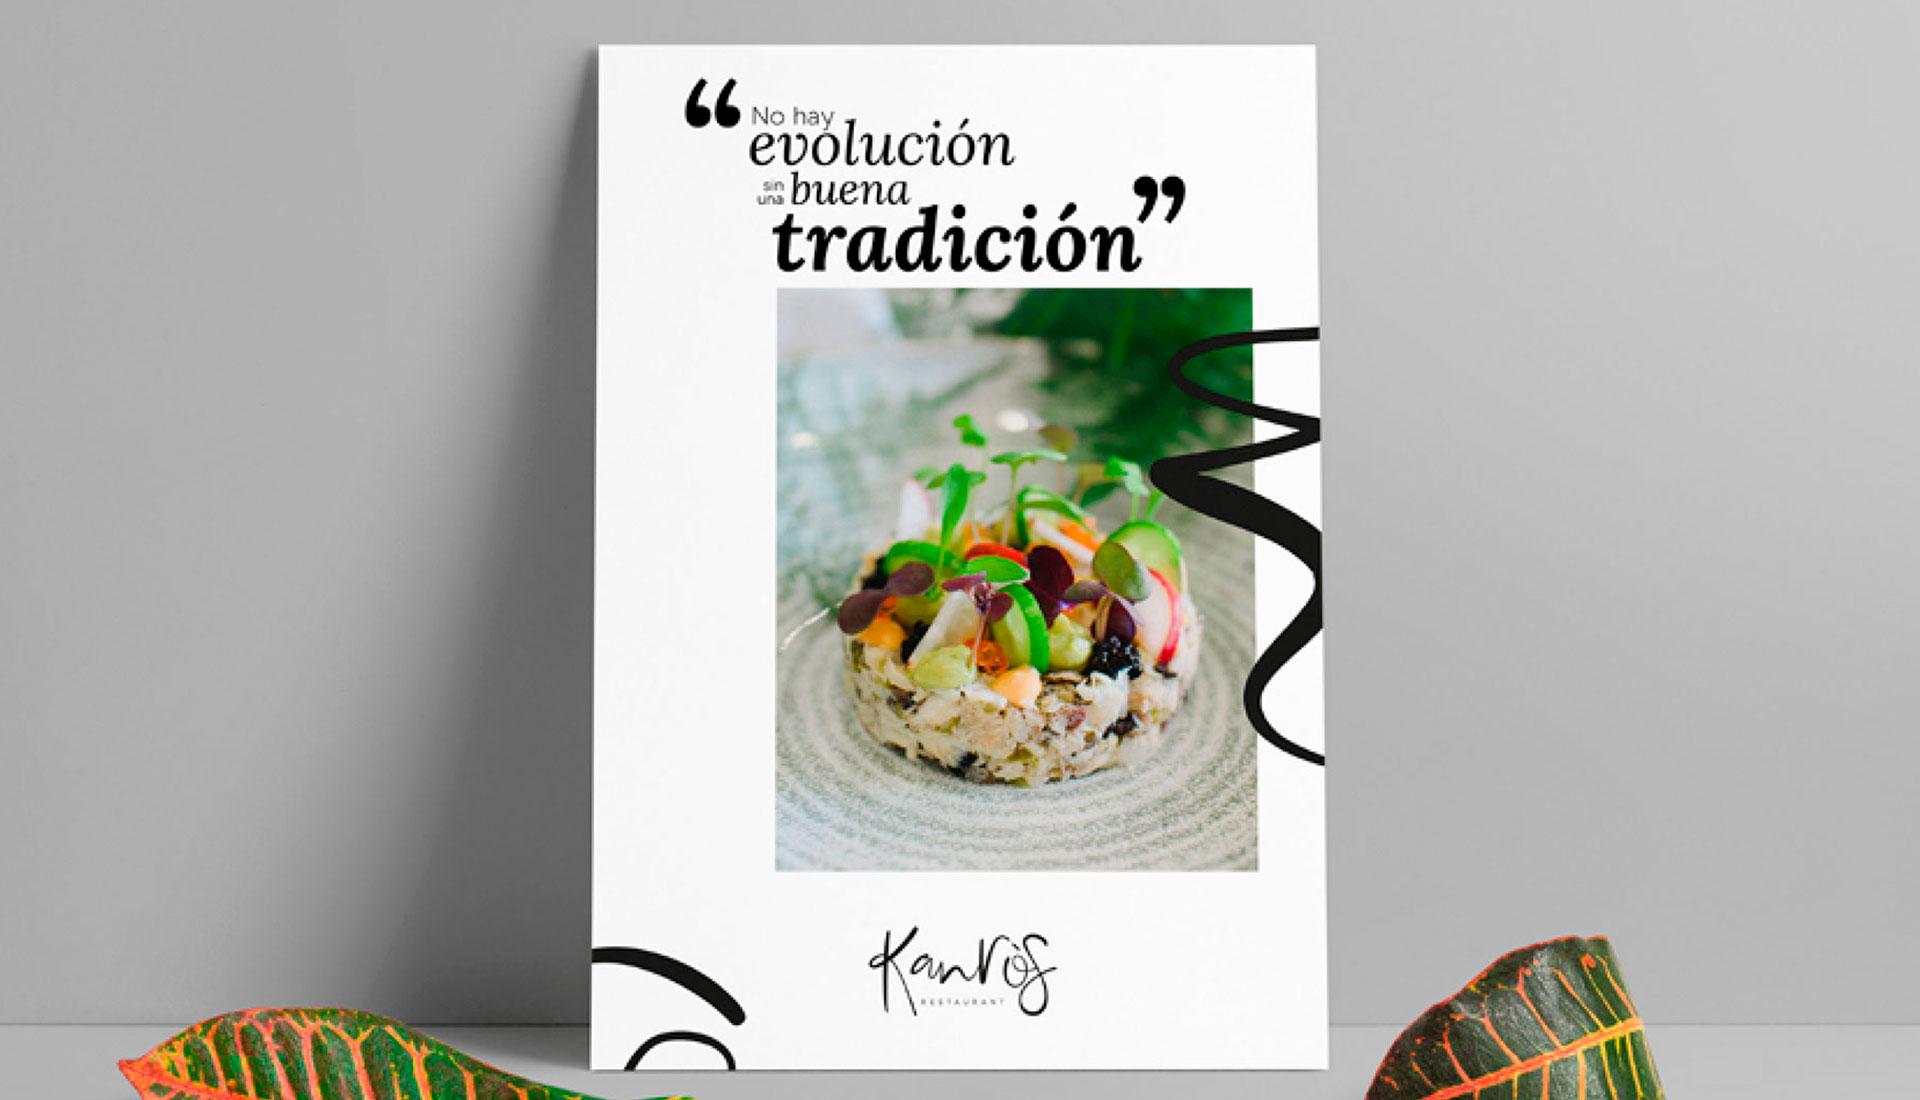 agencia-publicidad-pennywhort-marketing-identidad-corporativa-restaurante-valencia-09